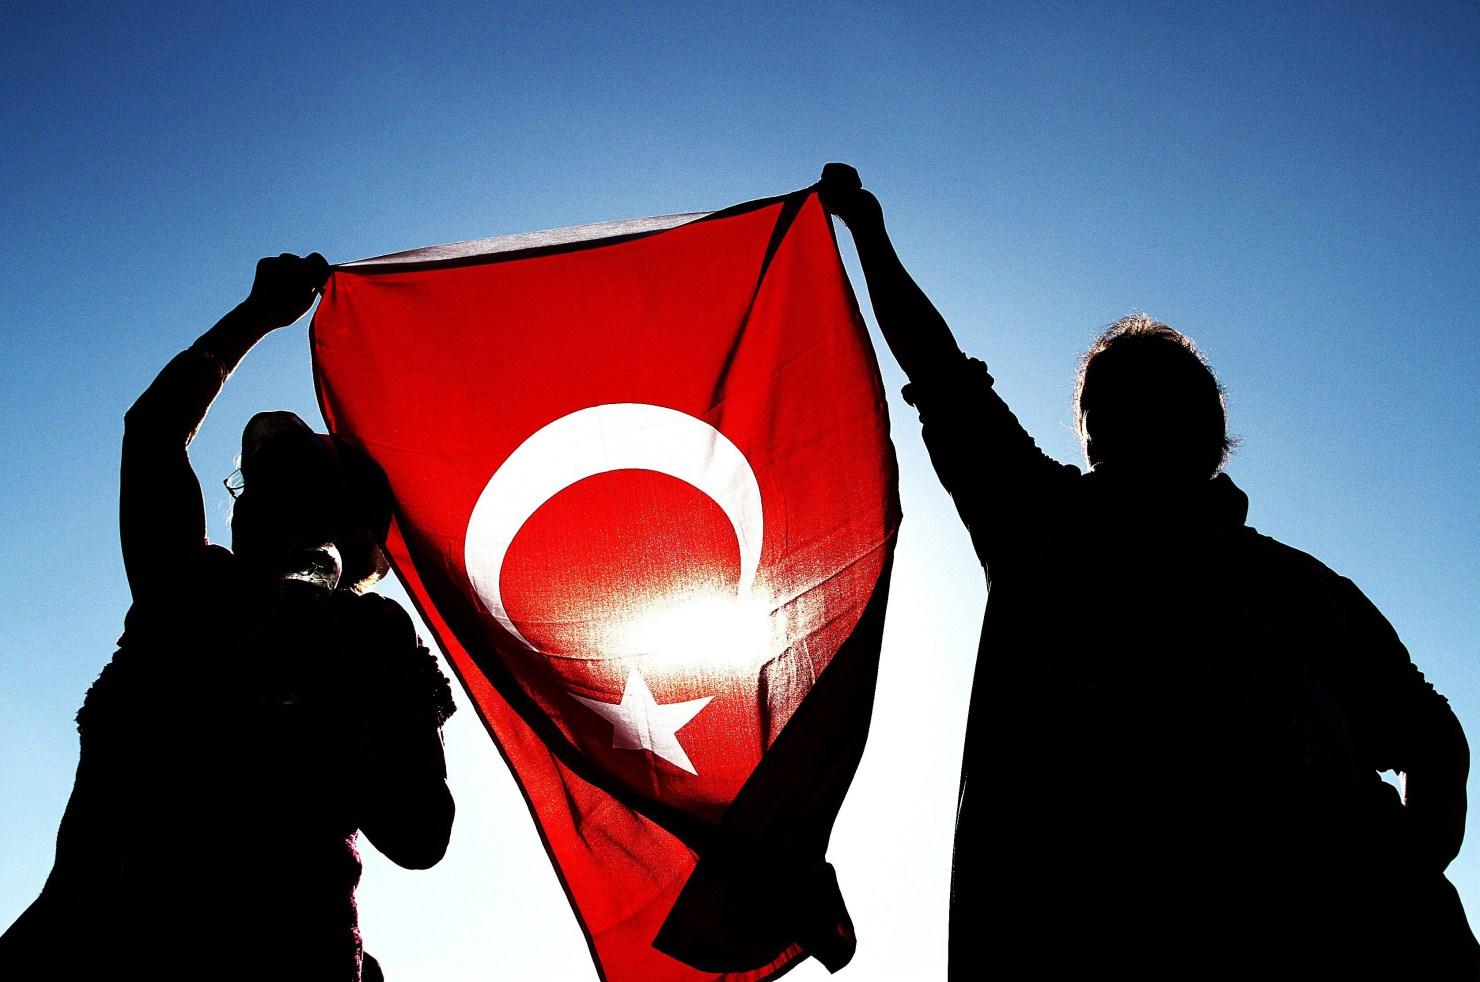 بالصور صور علم تركيا , اجمل صورة لعلم تركيا 4560 5